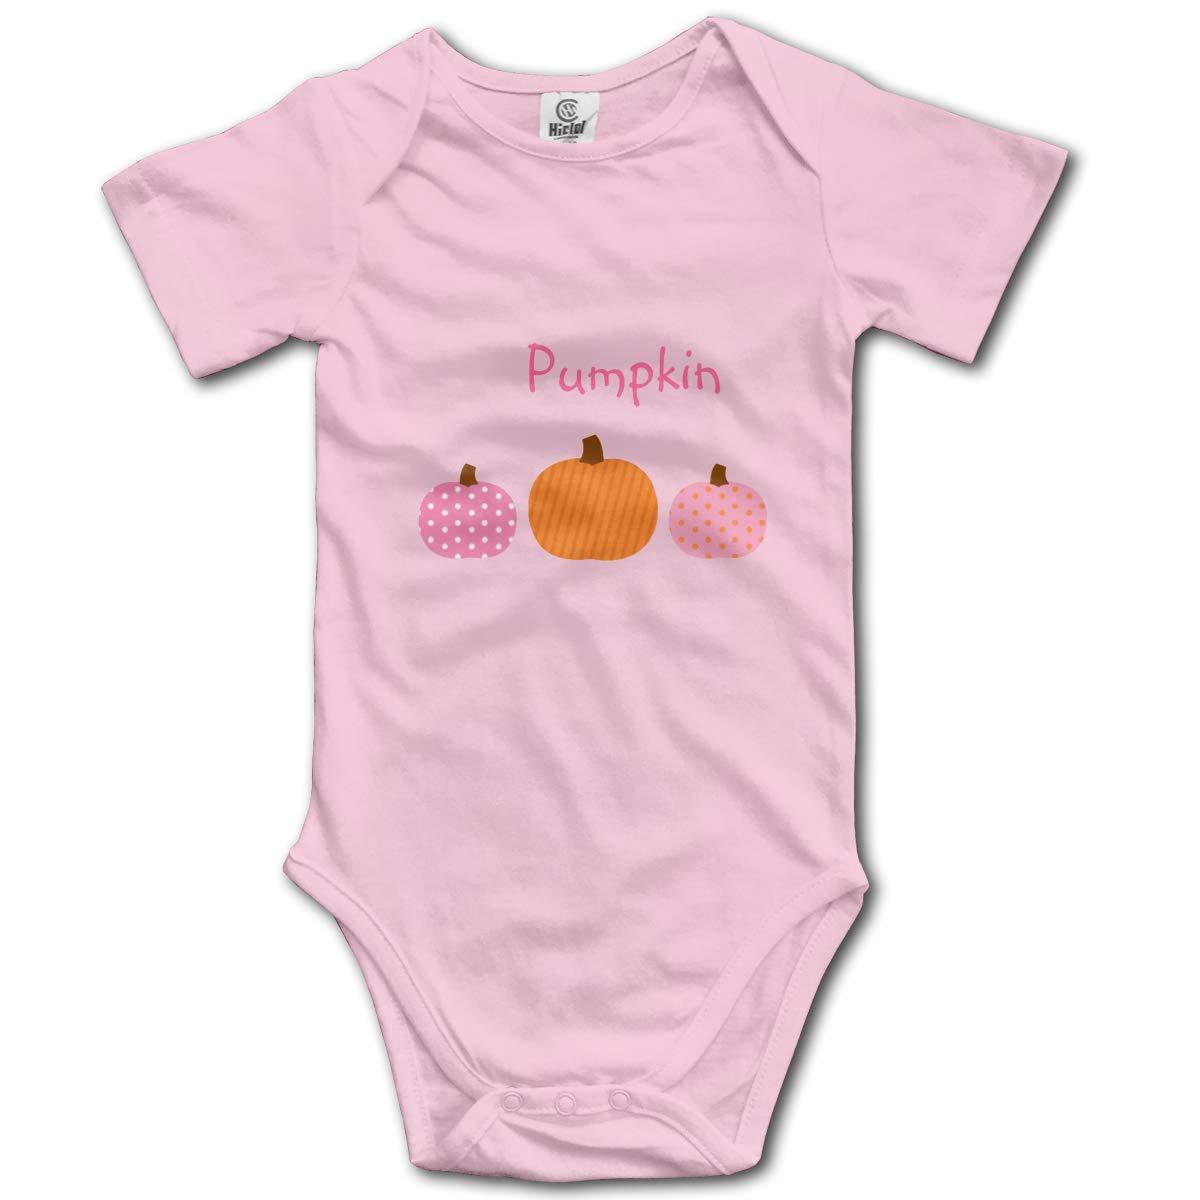 Nanagang Cute Pink Pumpkin Baby Short Sleeves Babyclothess Cute Pink